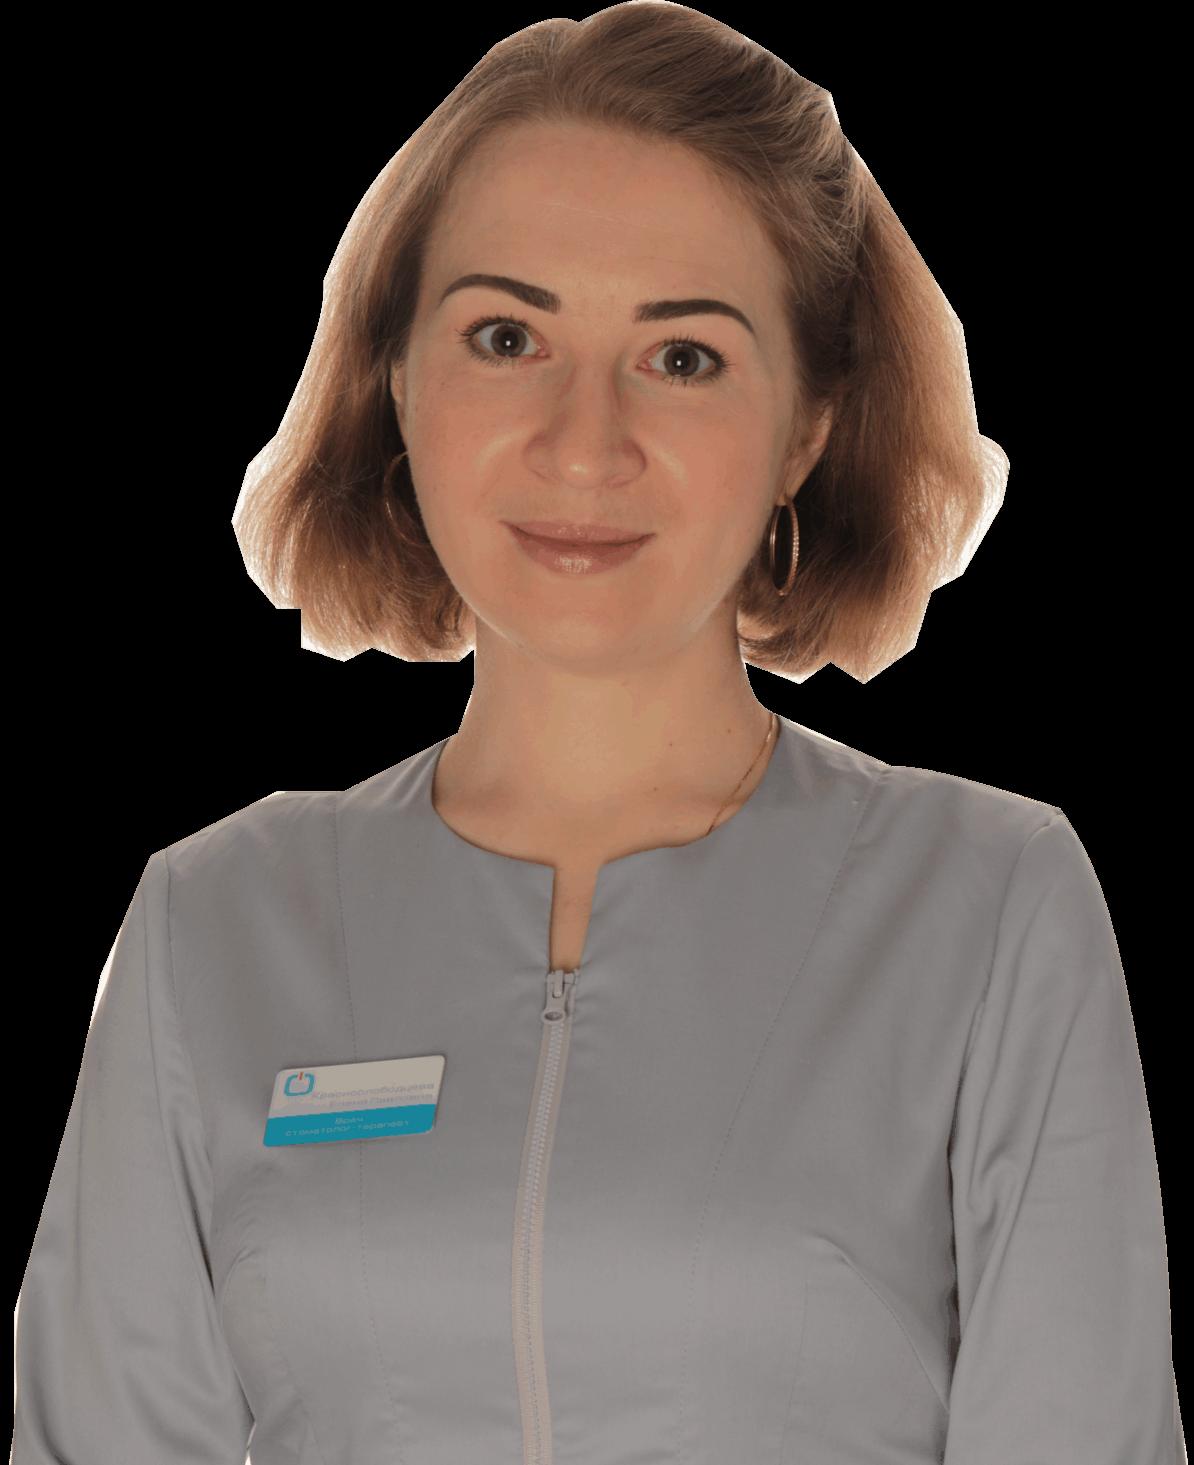 Краснослободцева Елена Павловна